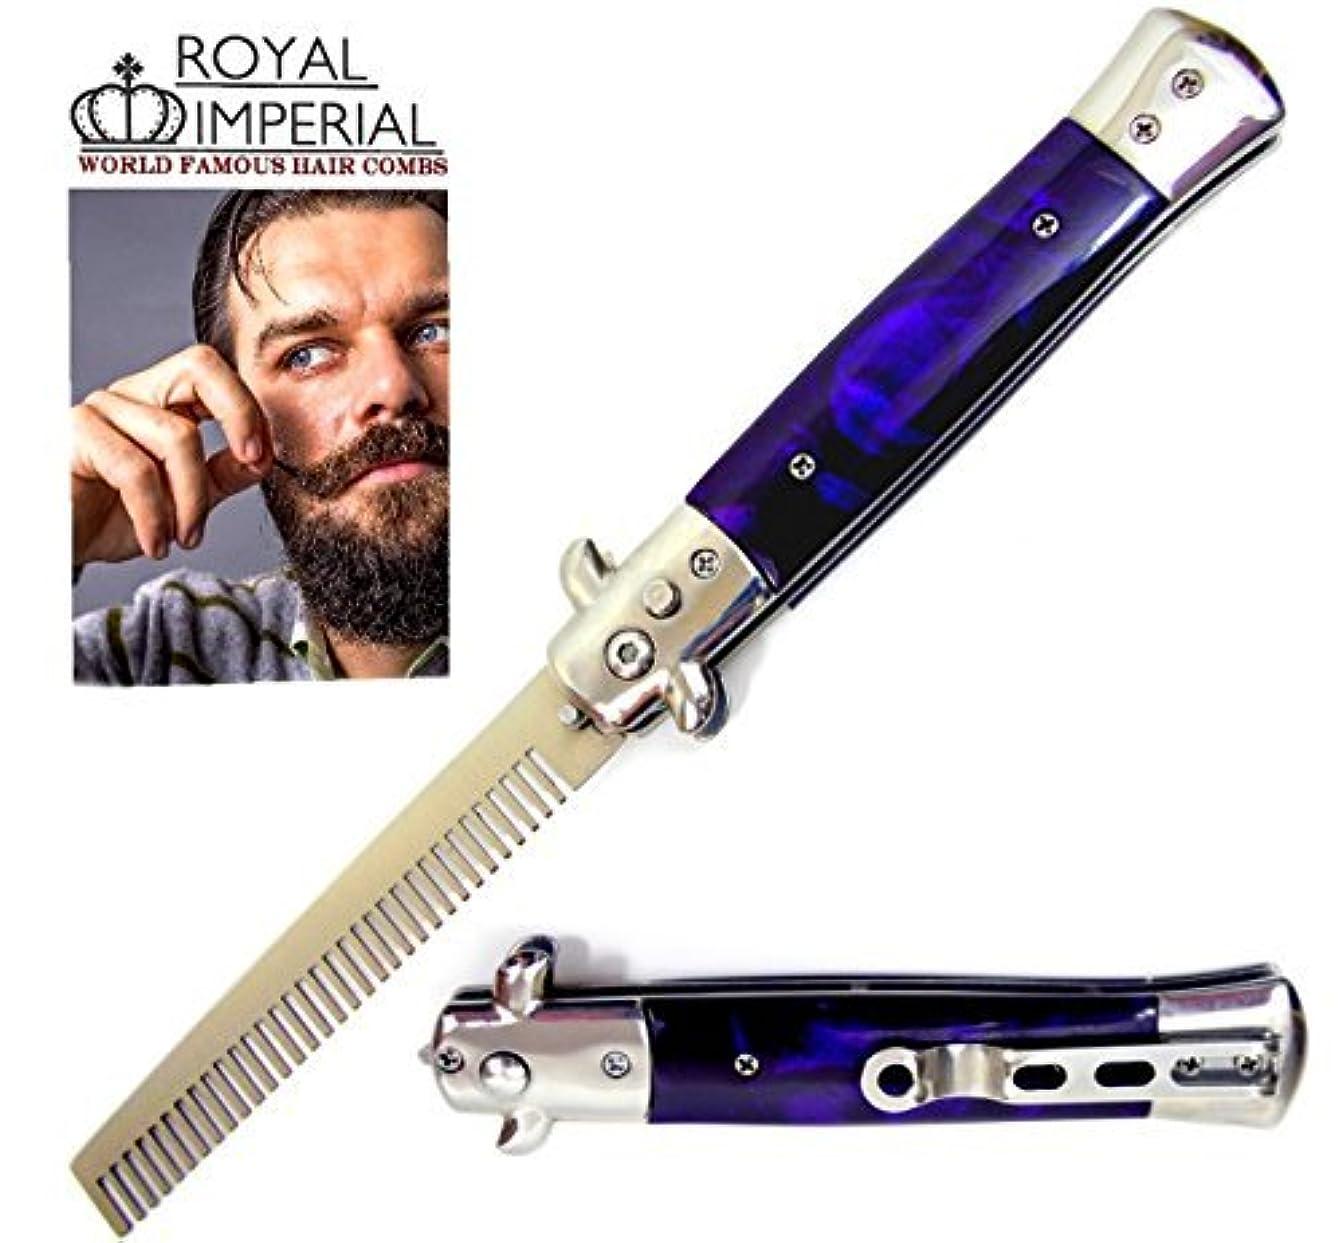 代表してギャロップしなければならないRoyal Imperial Metal Switchblade Pocket Folding Flick Hair Comb For Beard, Mustache, Head PURPLE THUNDER Handle ~ INCLUDES Beard Fact Wallet Book ~ Nicer Than Butterfly Knife Trainer [並行輸入品]